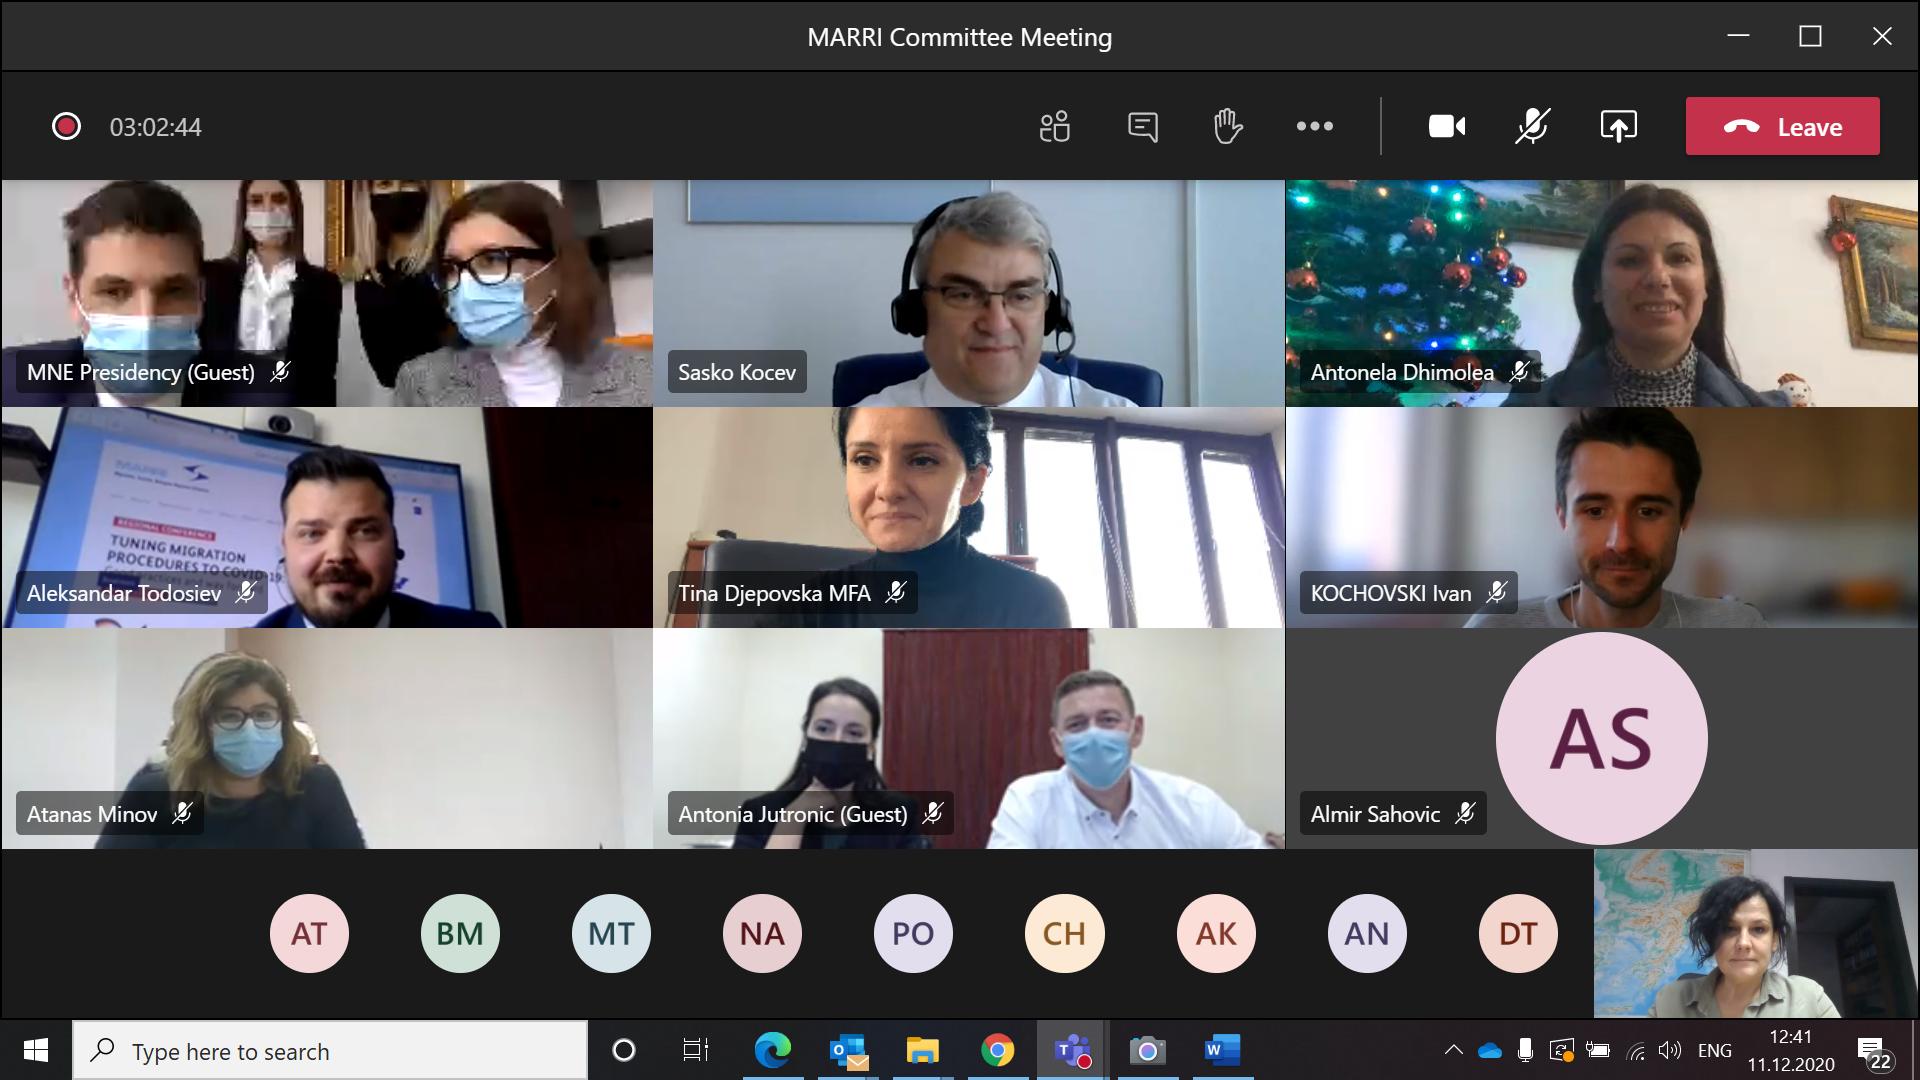 11 December 2020 - MARRI Committee Meeting